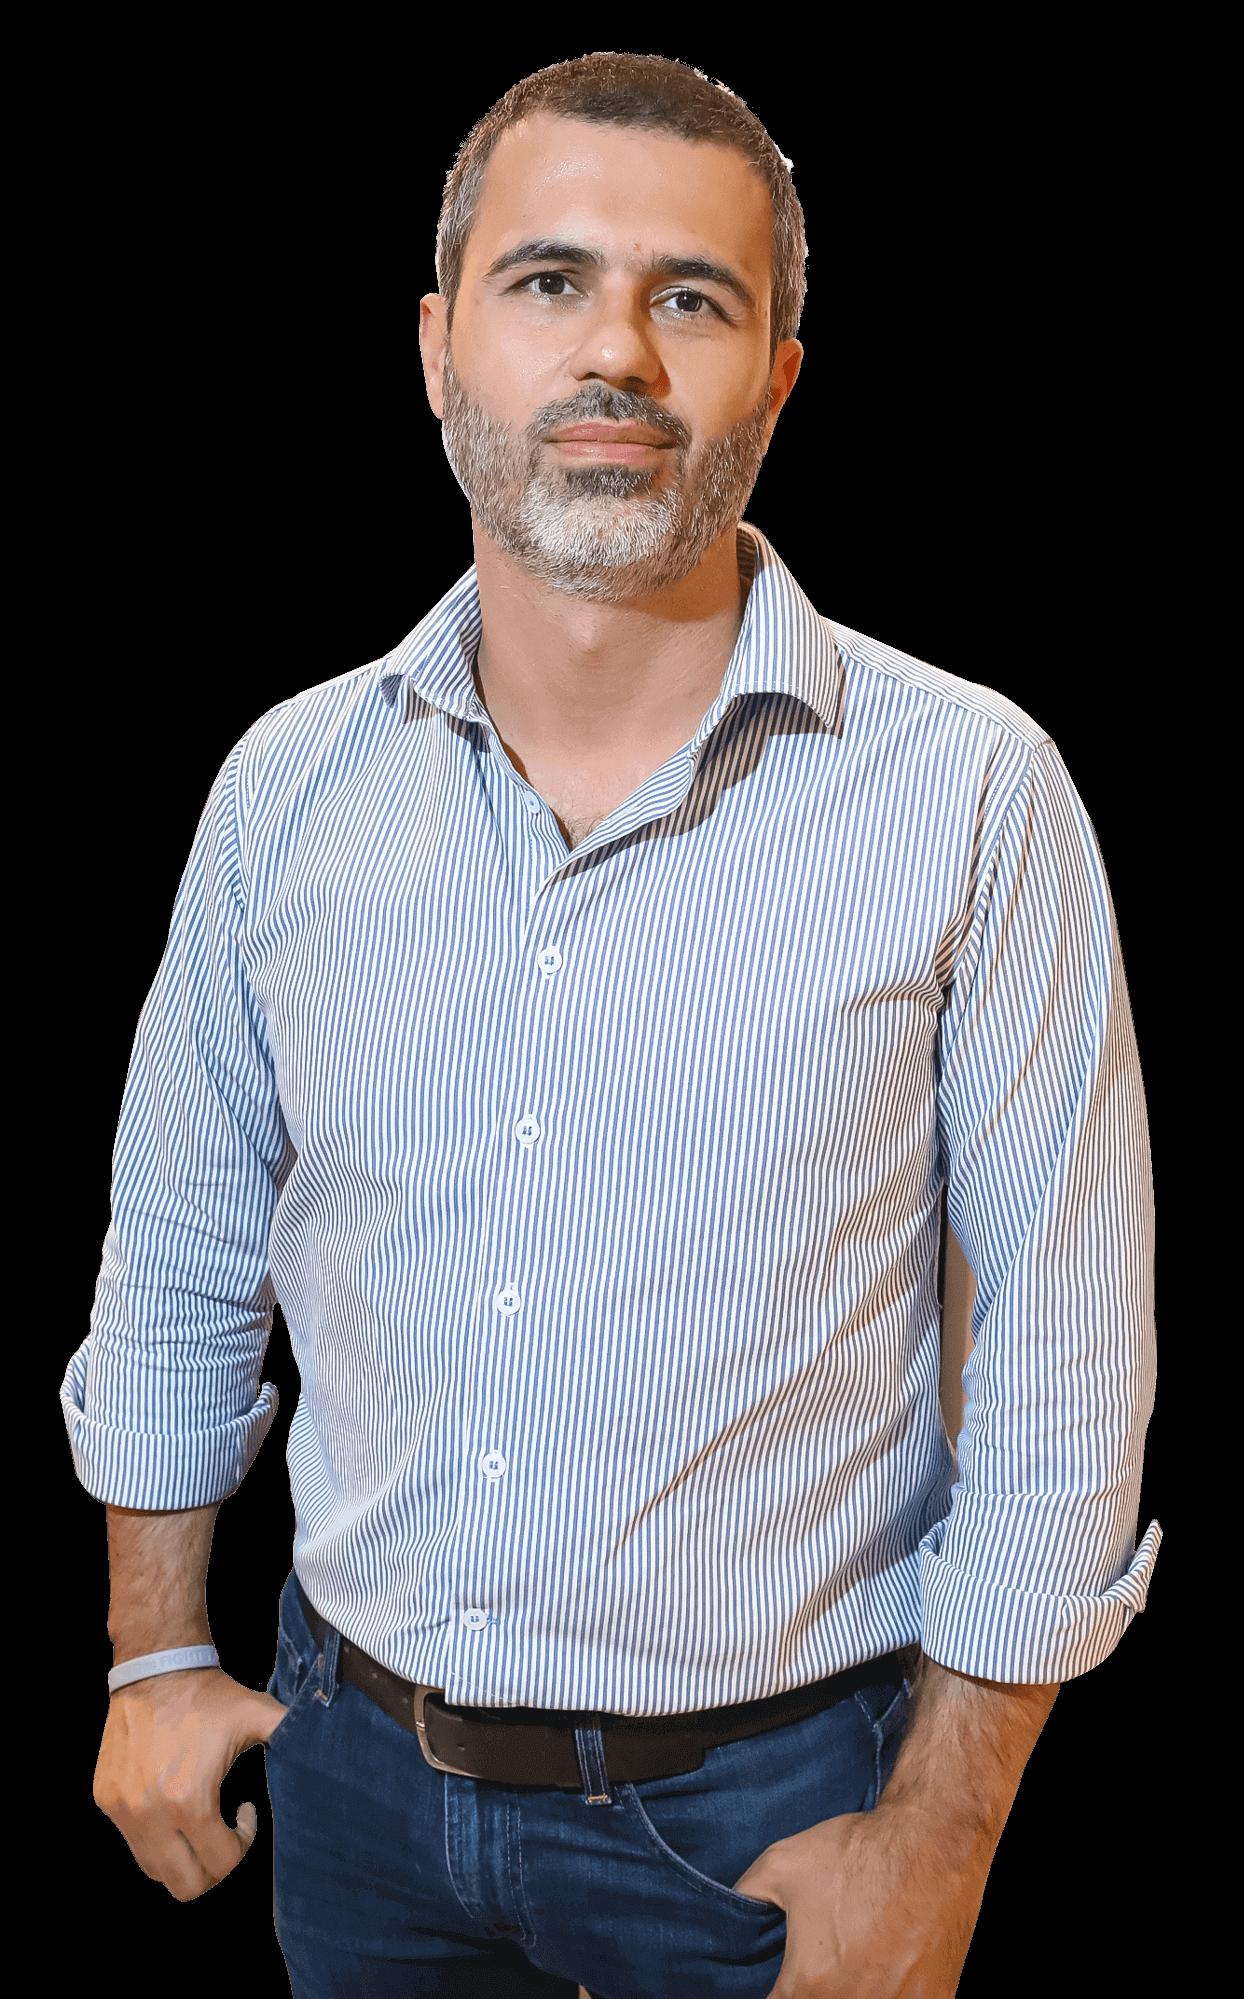 Fernando Brossi  Vice Presidente de Operações da C&A - Revista Shopping Centers